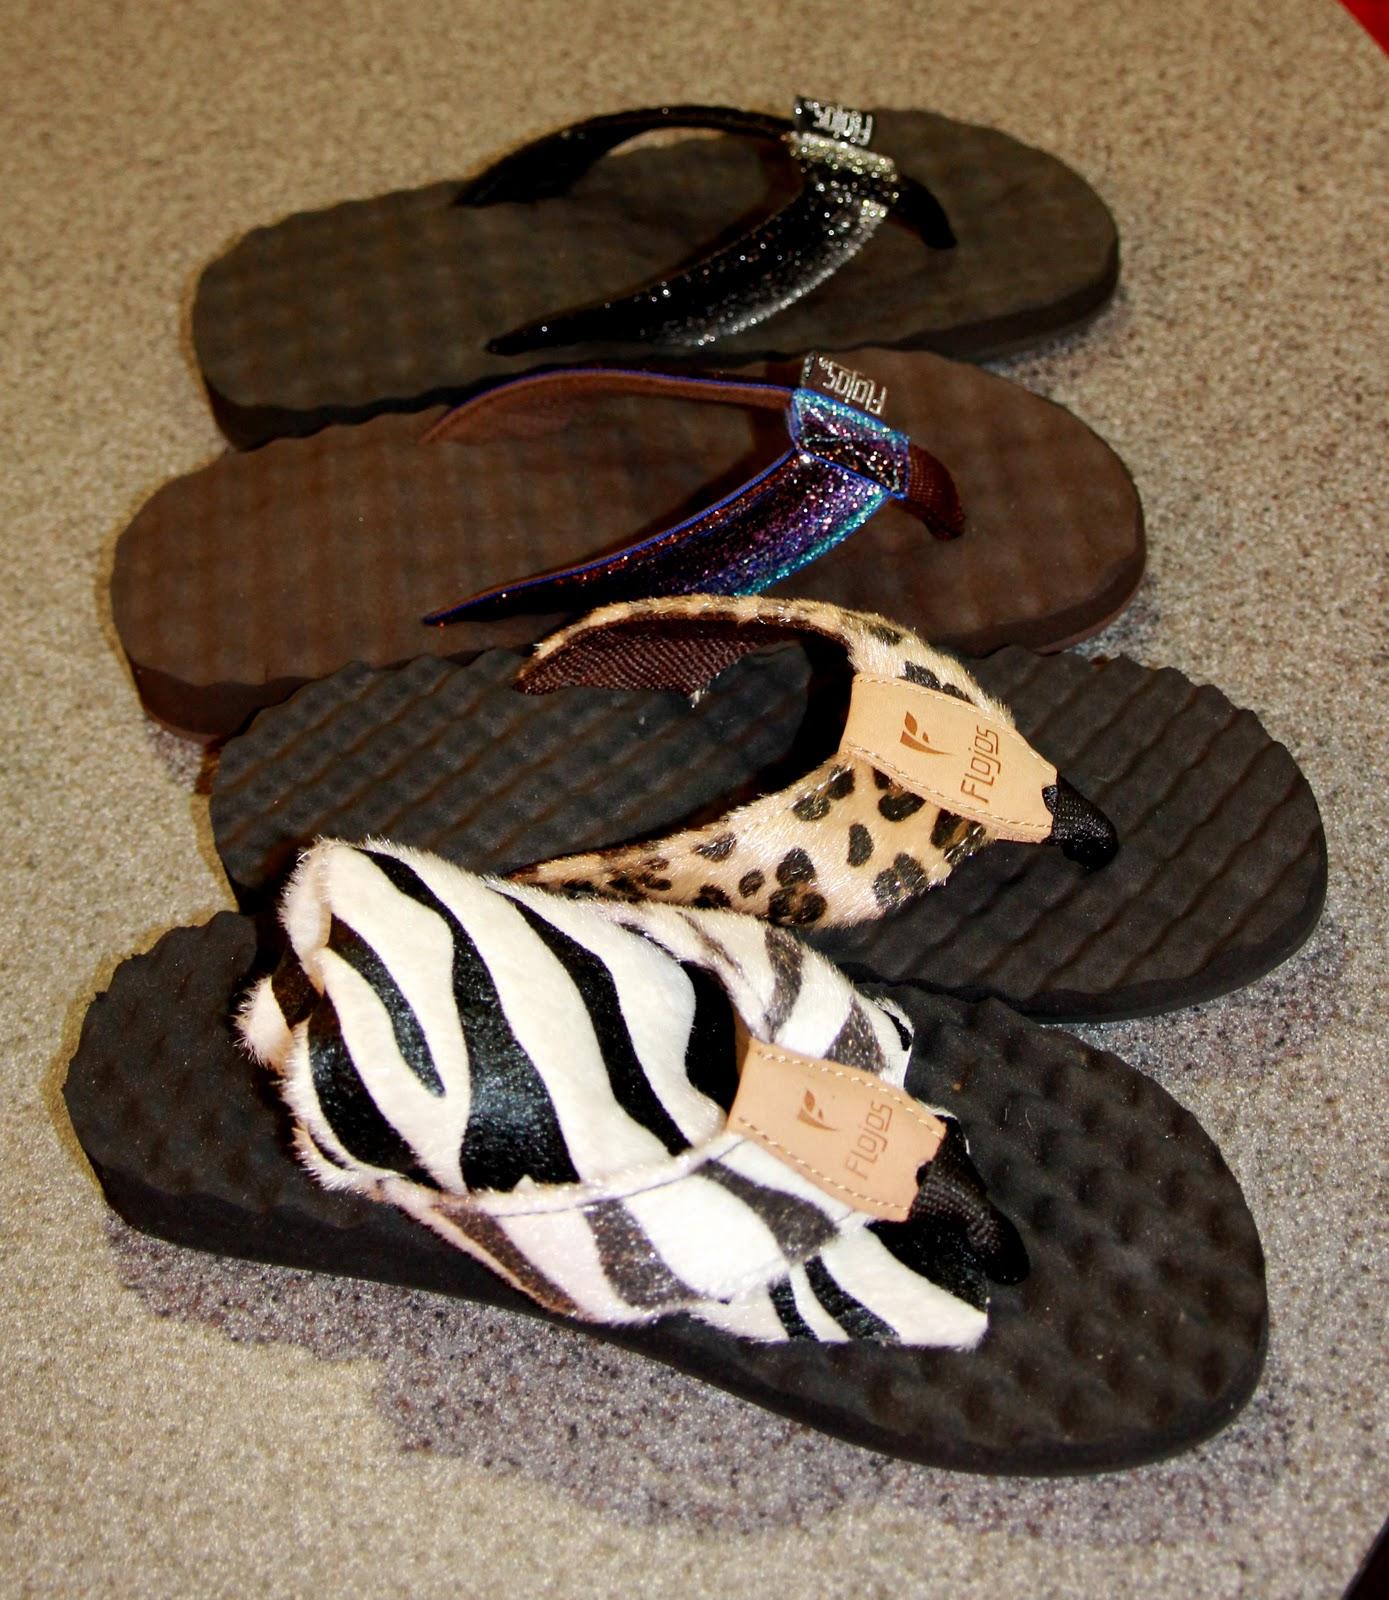 8f881a47be5f2 FLOJOS SANDALS FOOTWEAR SPRING 2012